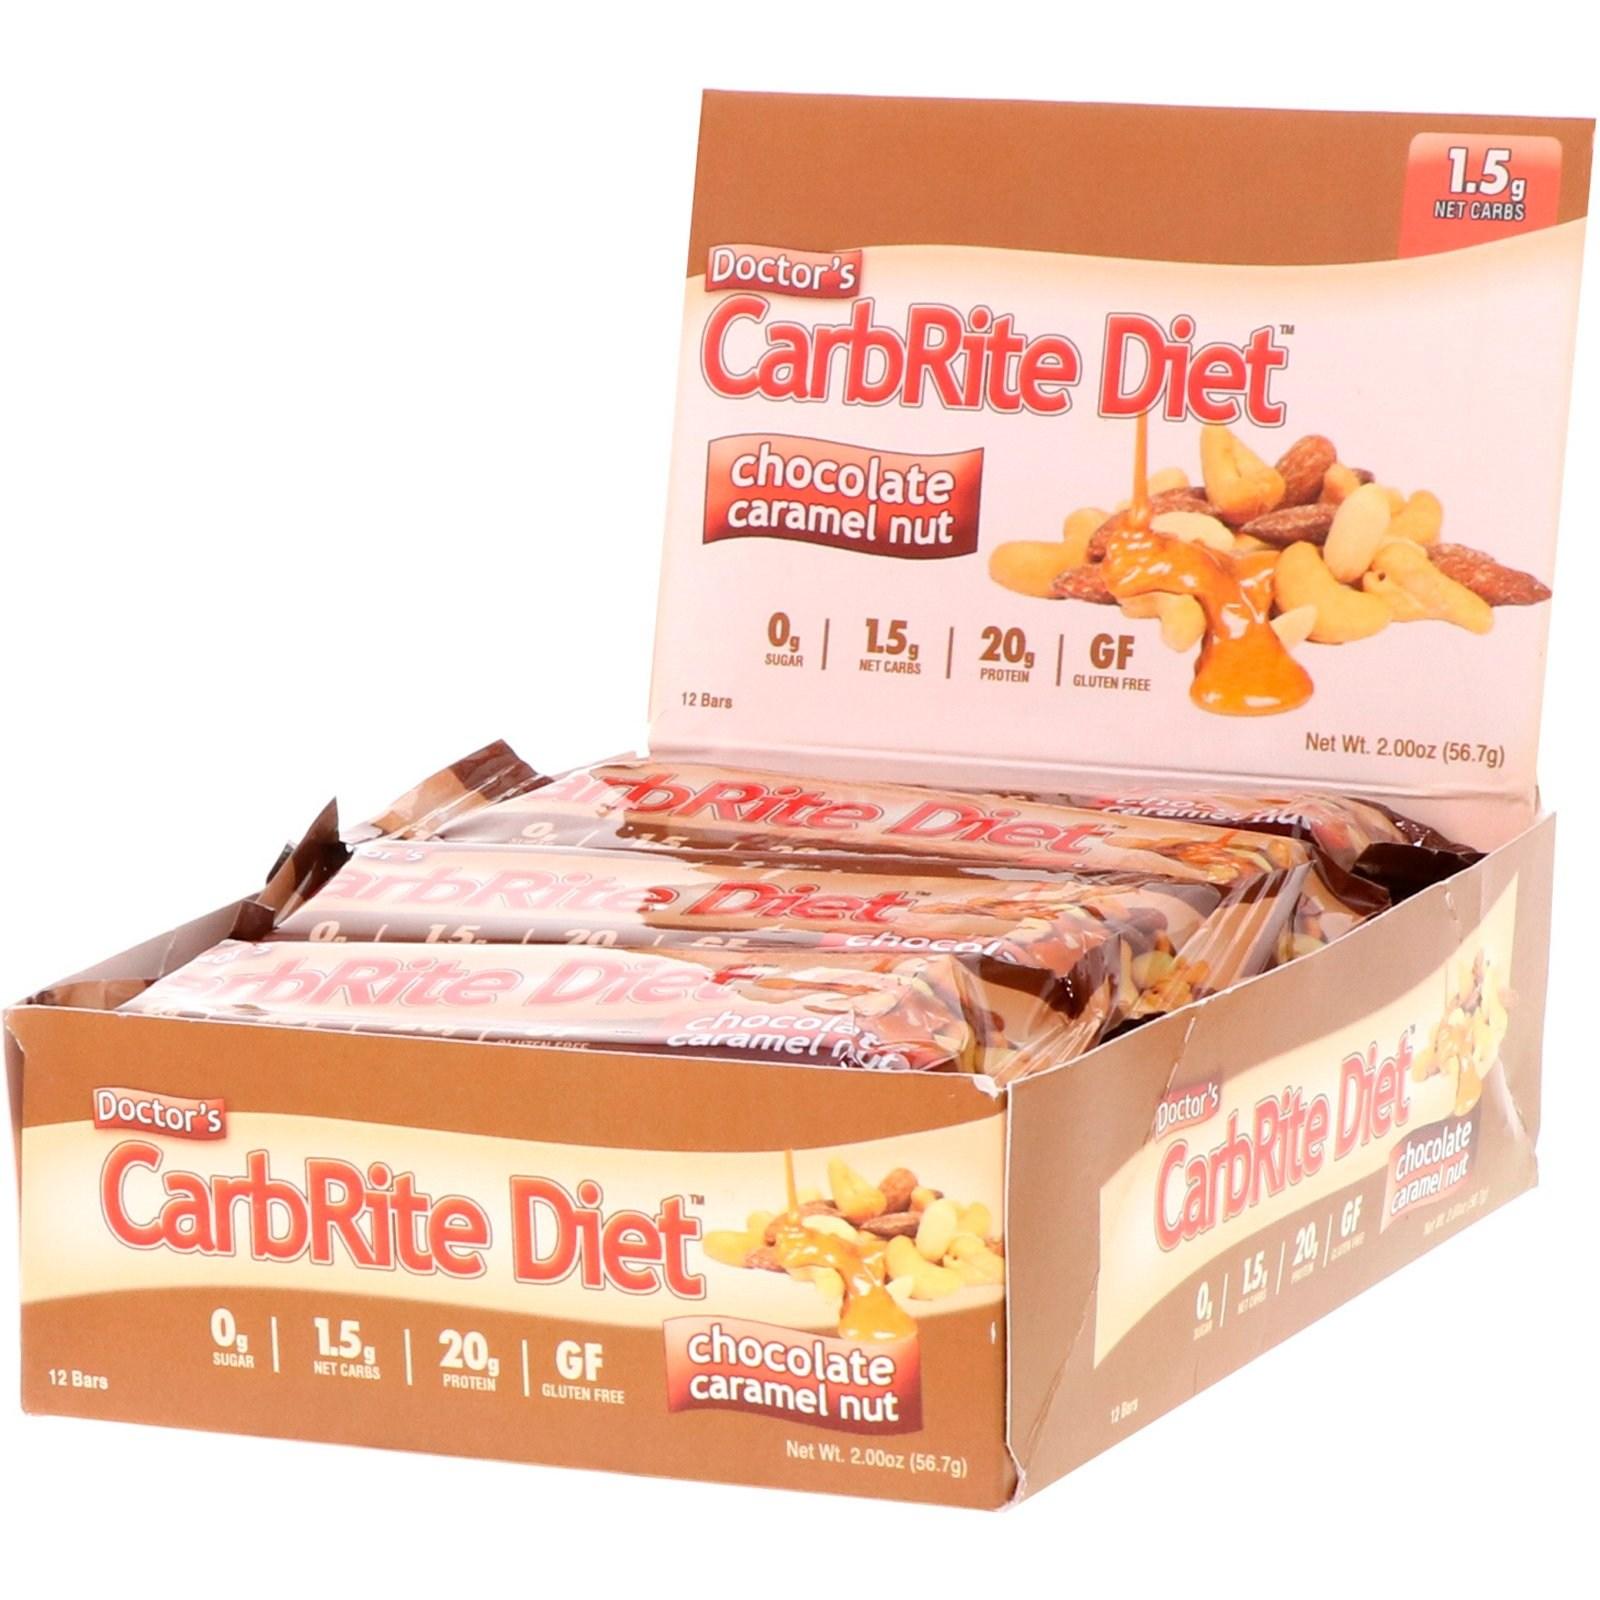 유니버셜뉴트리션 고단백질 바 초콜릿 카라멜넛 12개 프로틴바, 1개, -